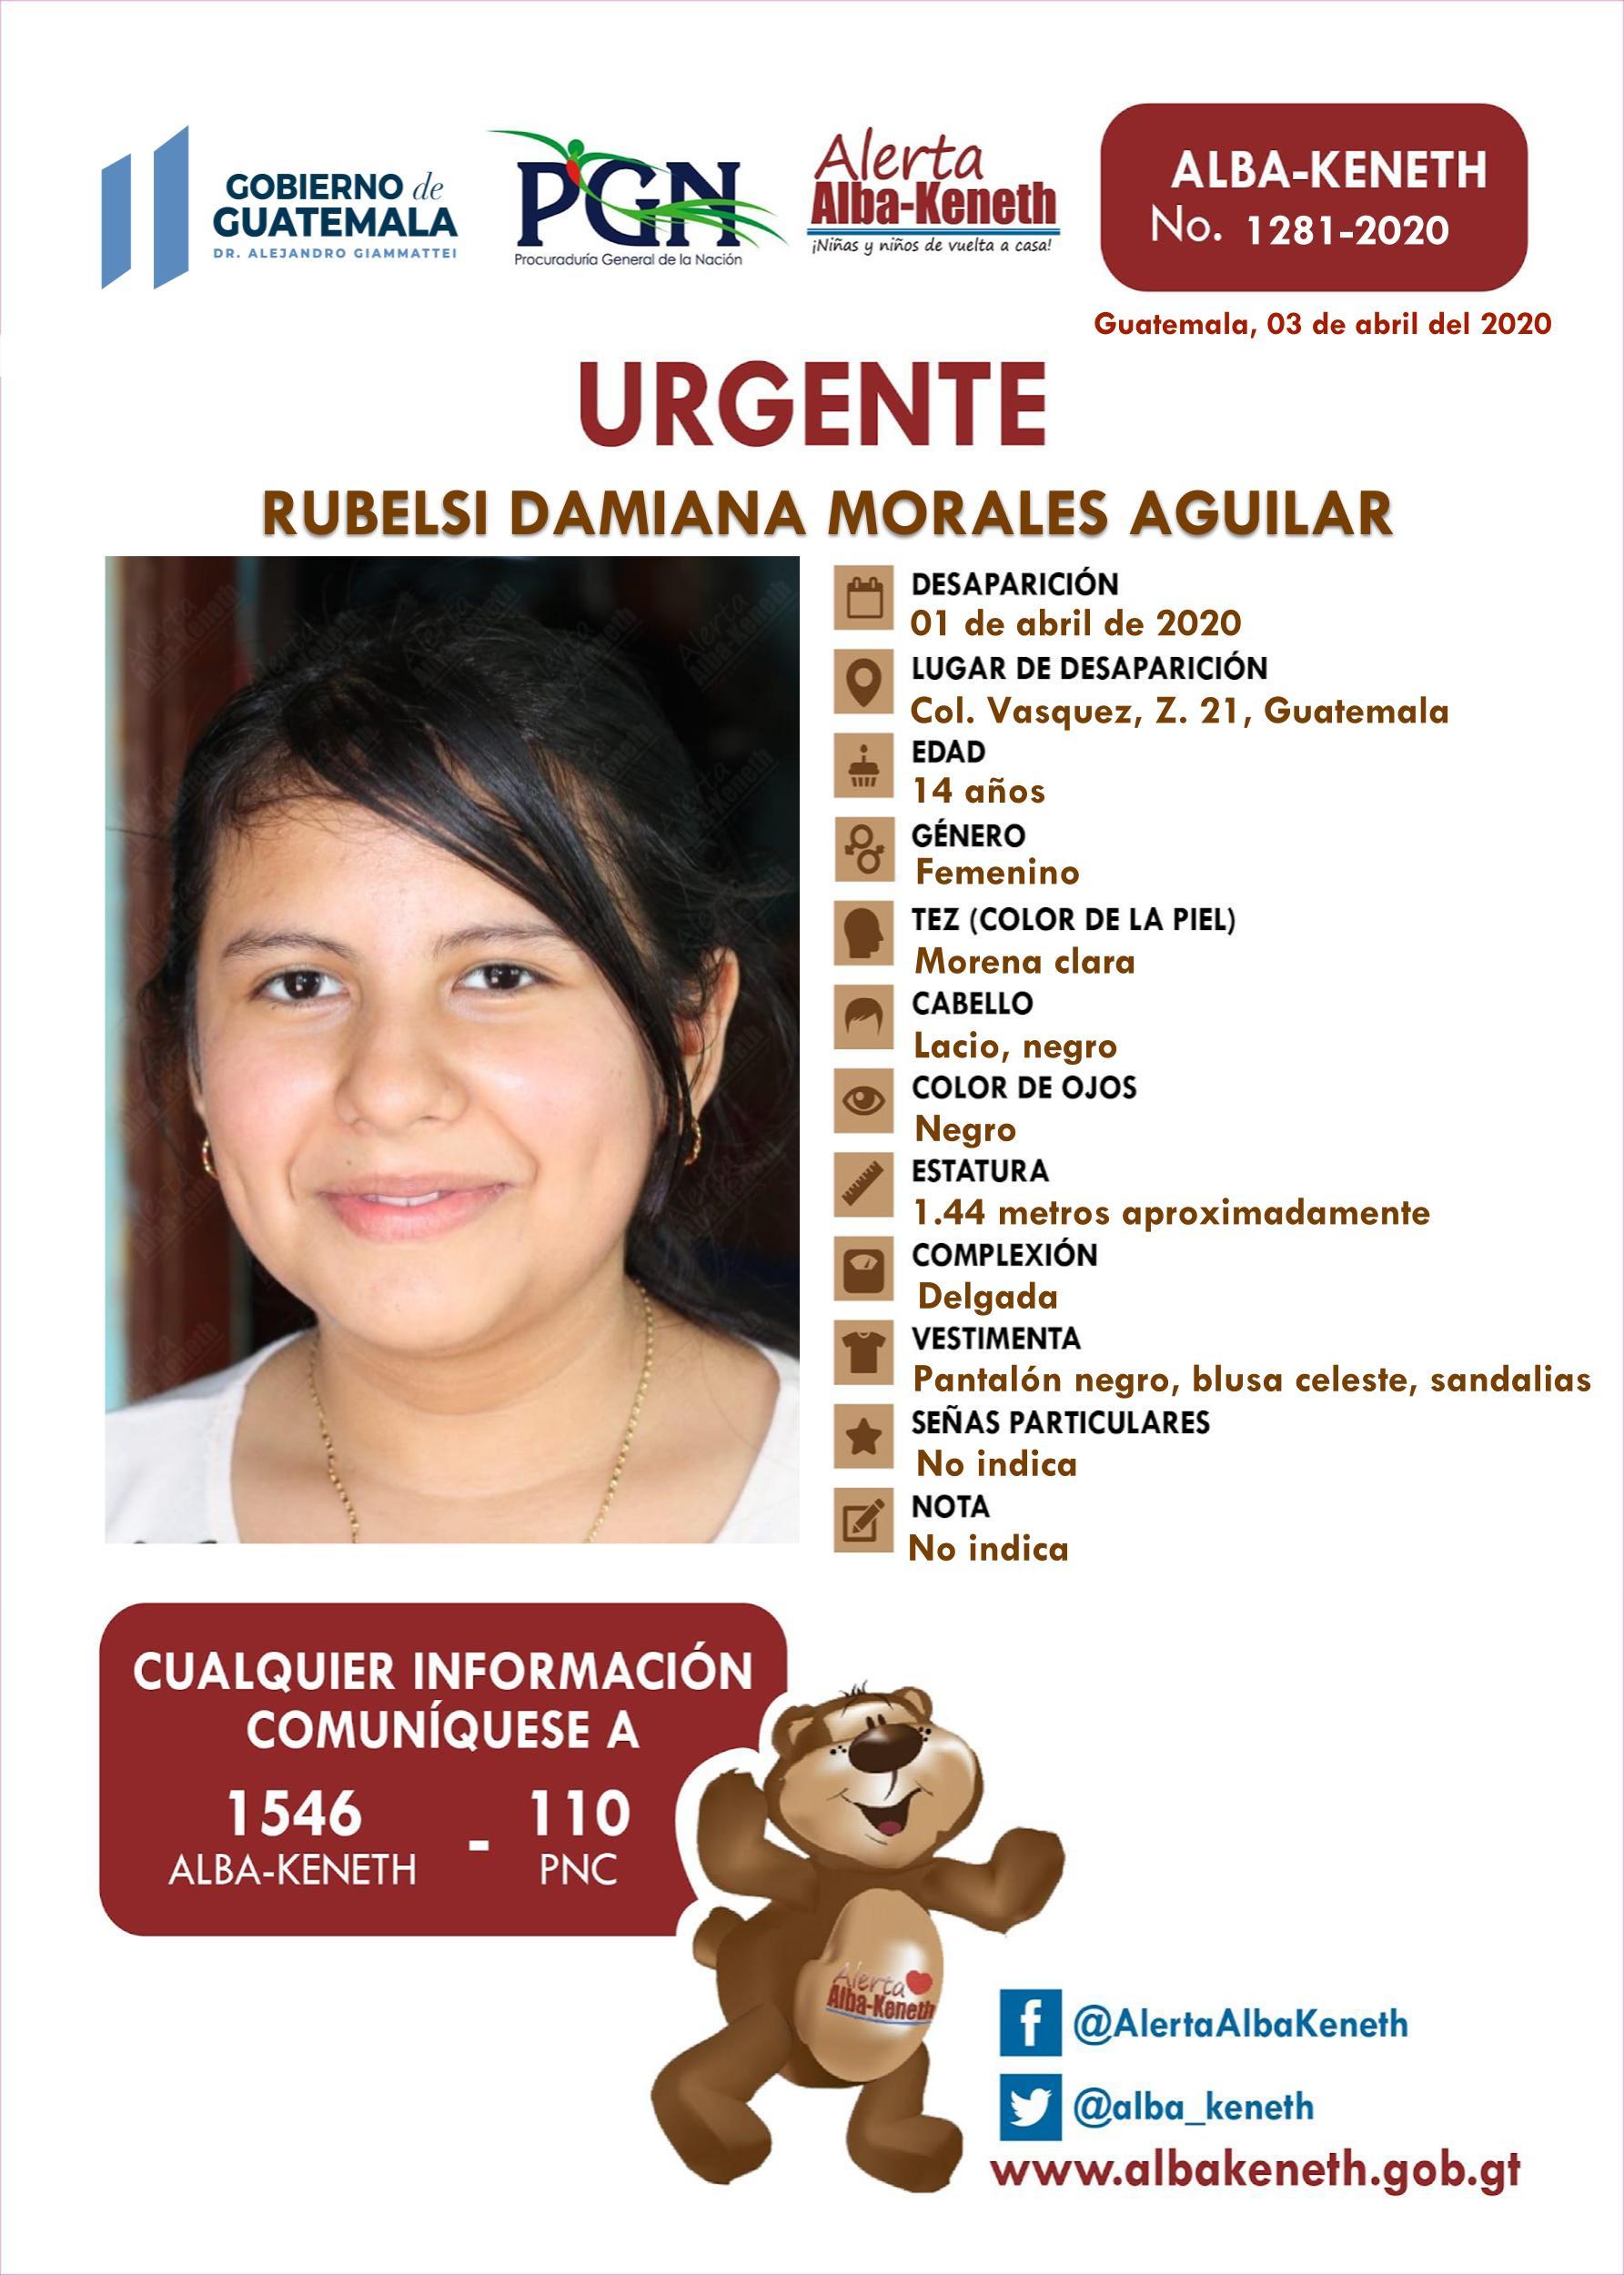 Rubelsi Damiana Morales Aguilar